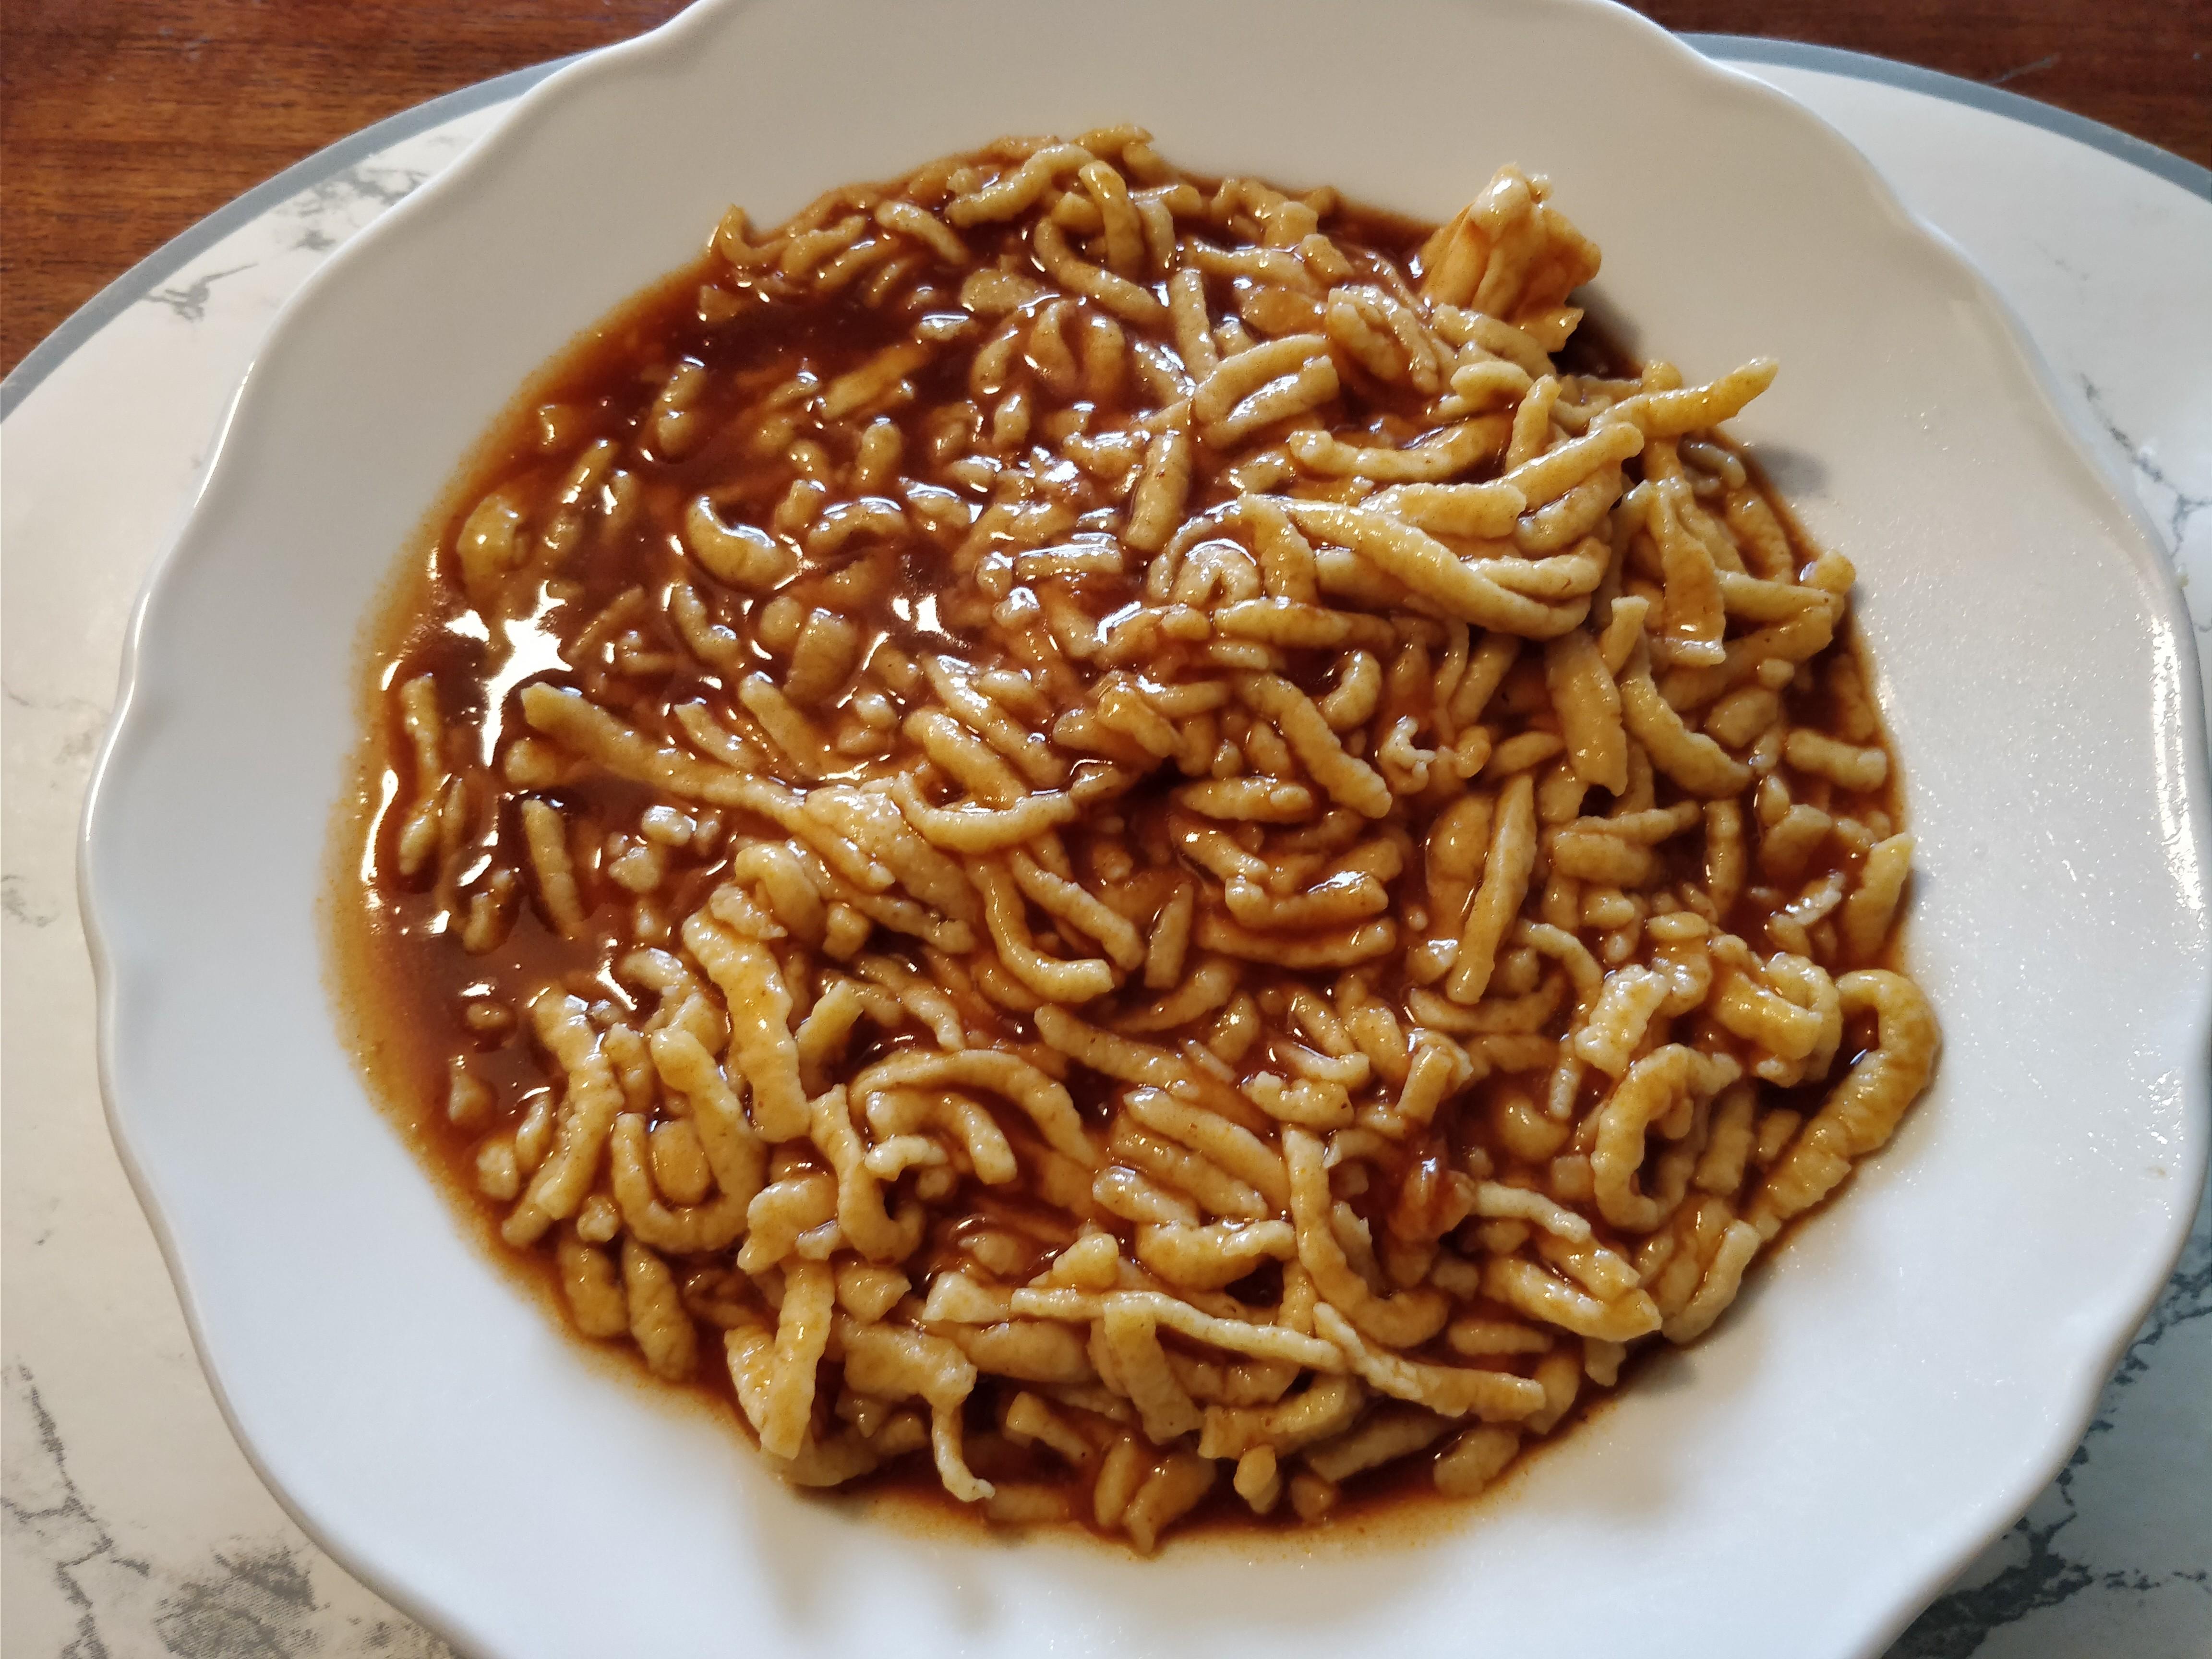 http://foodloader.net/nico_2017-11-17_spaetzle-mit-sauce.jpg